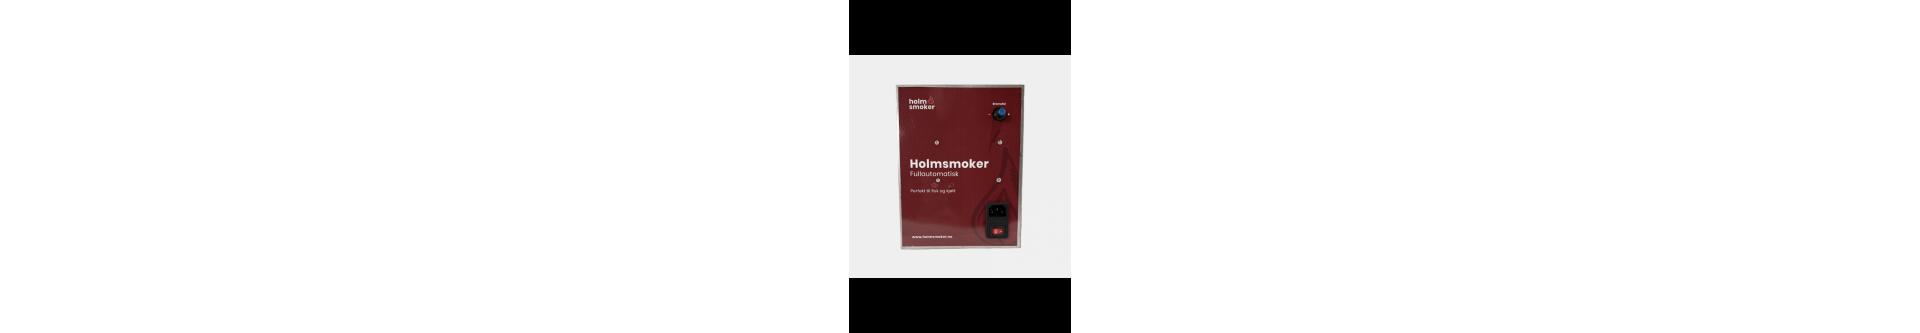 HOLMSMOKER røgeovne